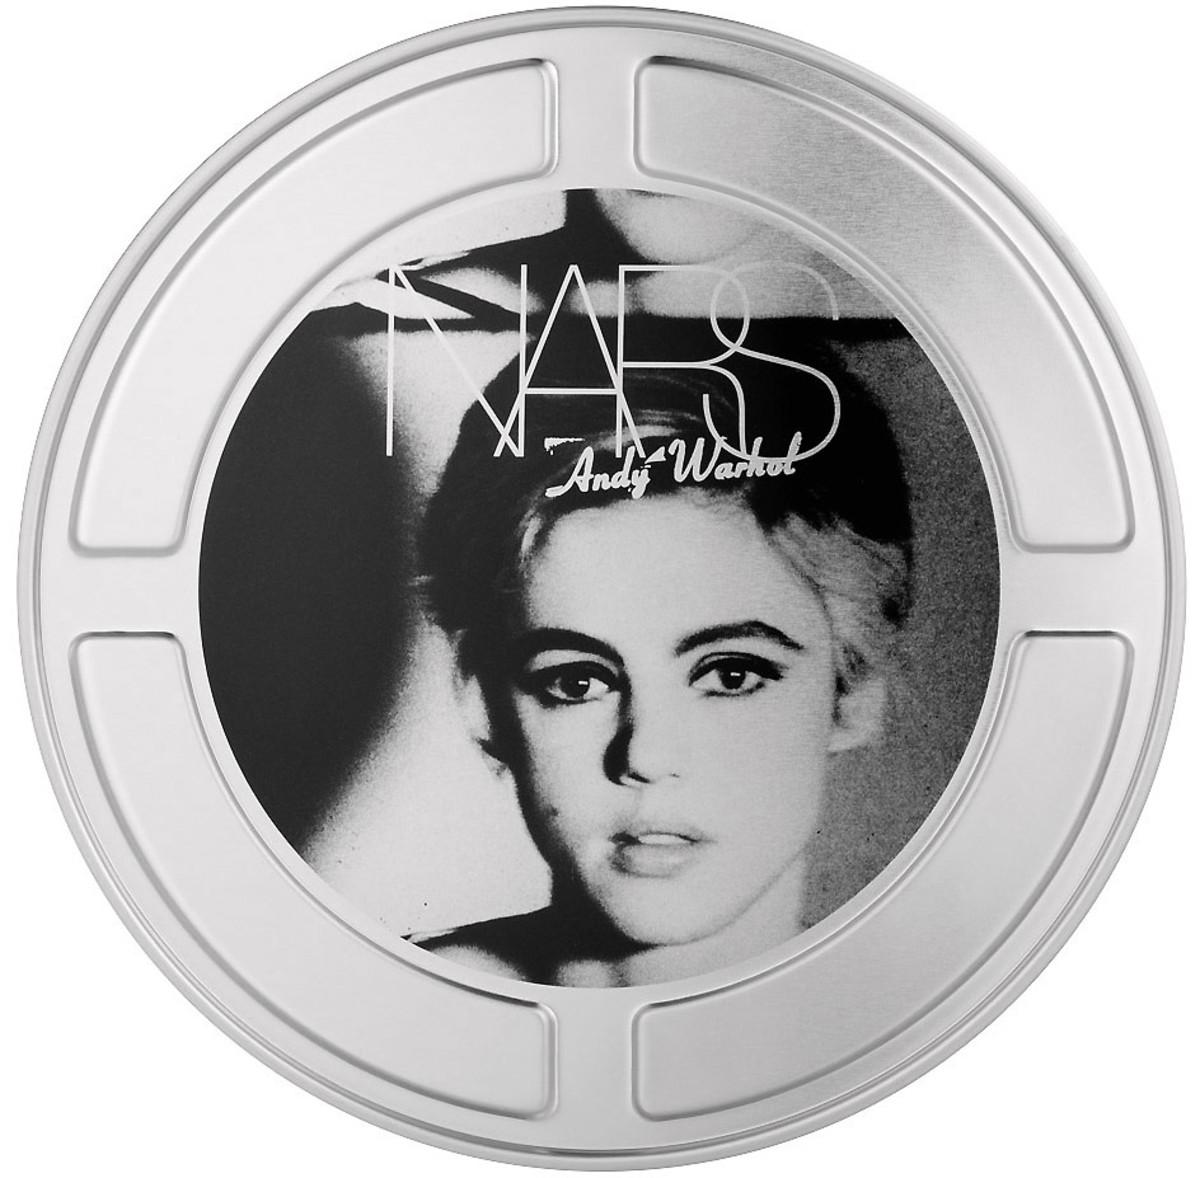 NARS Andy Warhol Silver Factory-Edie-packaging